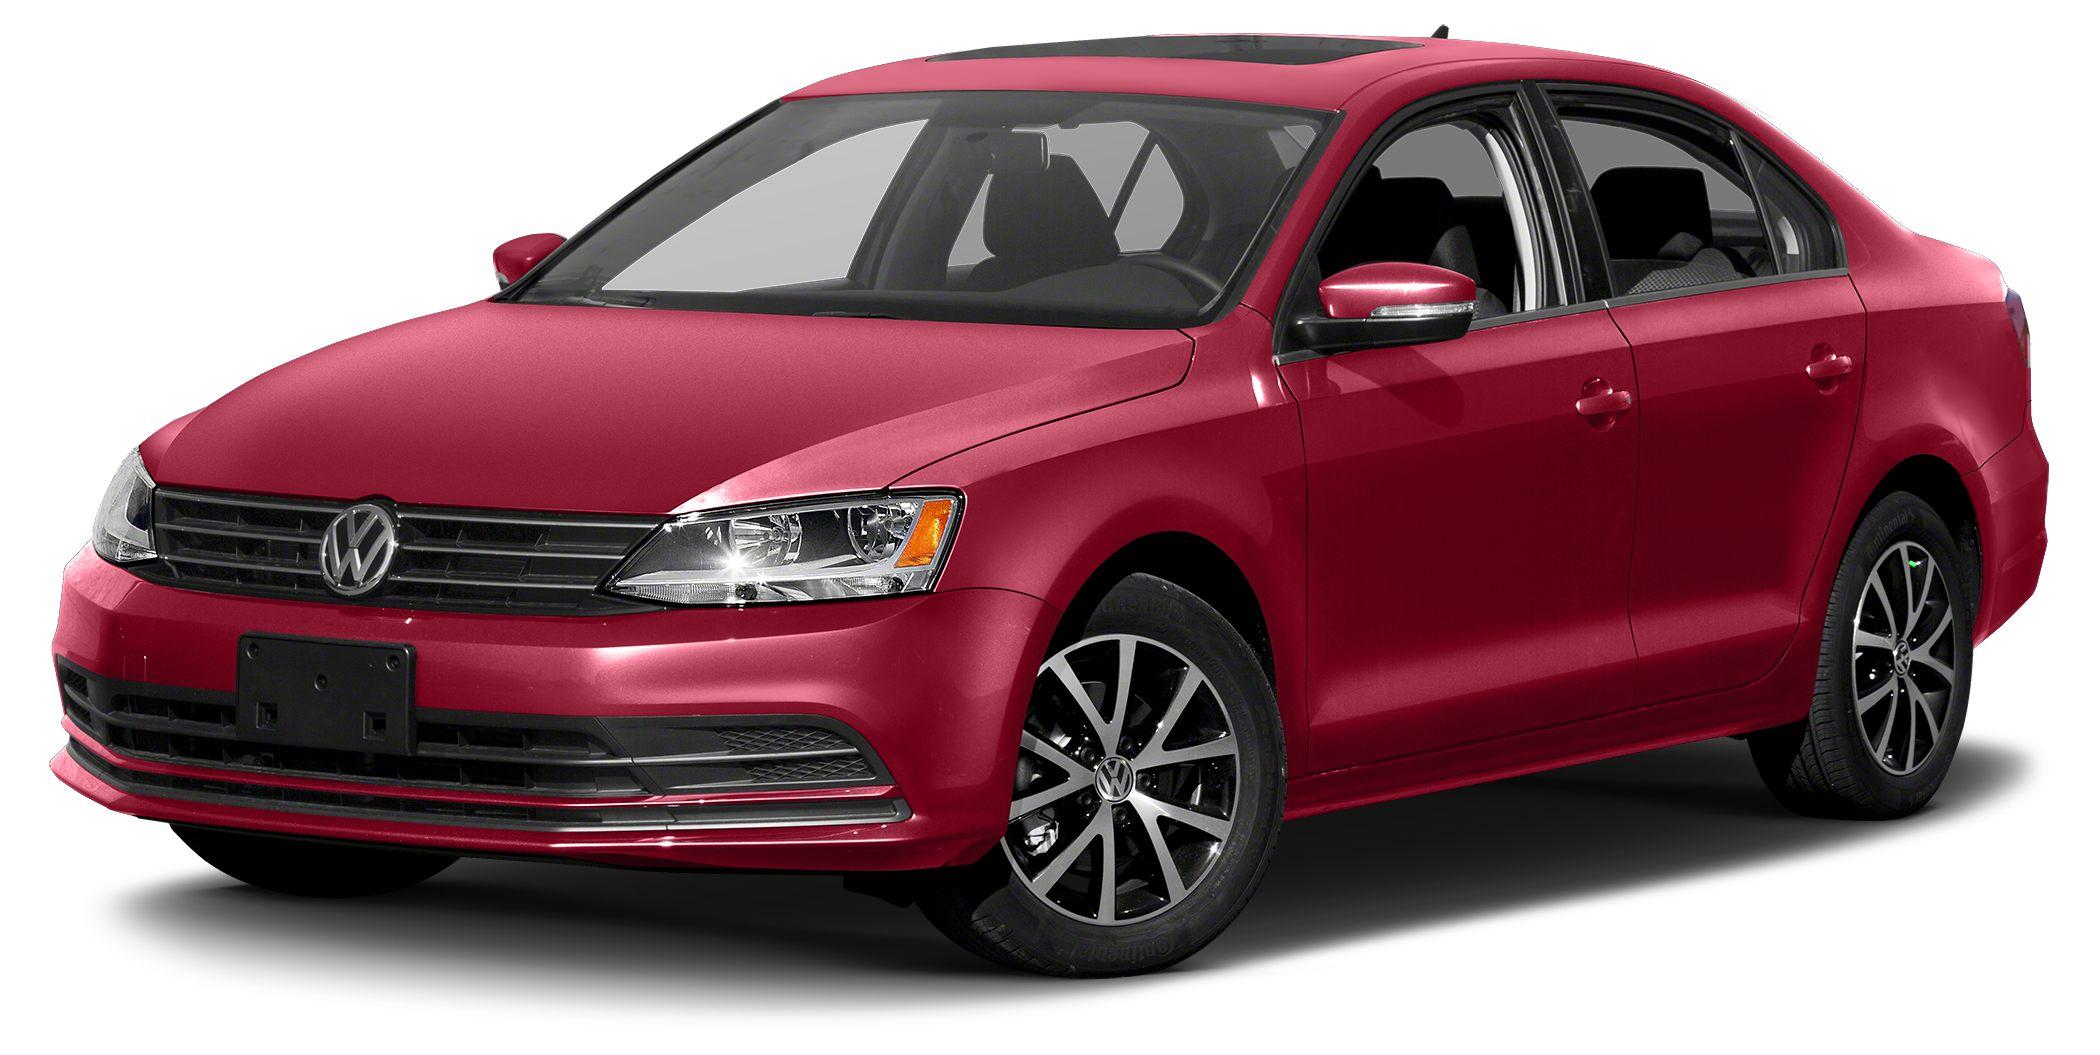 2015 Volkswagen Jetta 18T SE Miles 35853Color Red Stock 8539 VIN 3VWD17AJ8FM274791